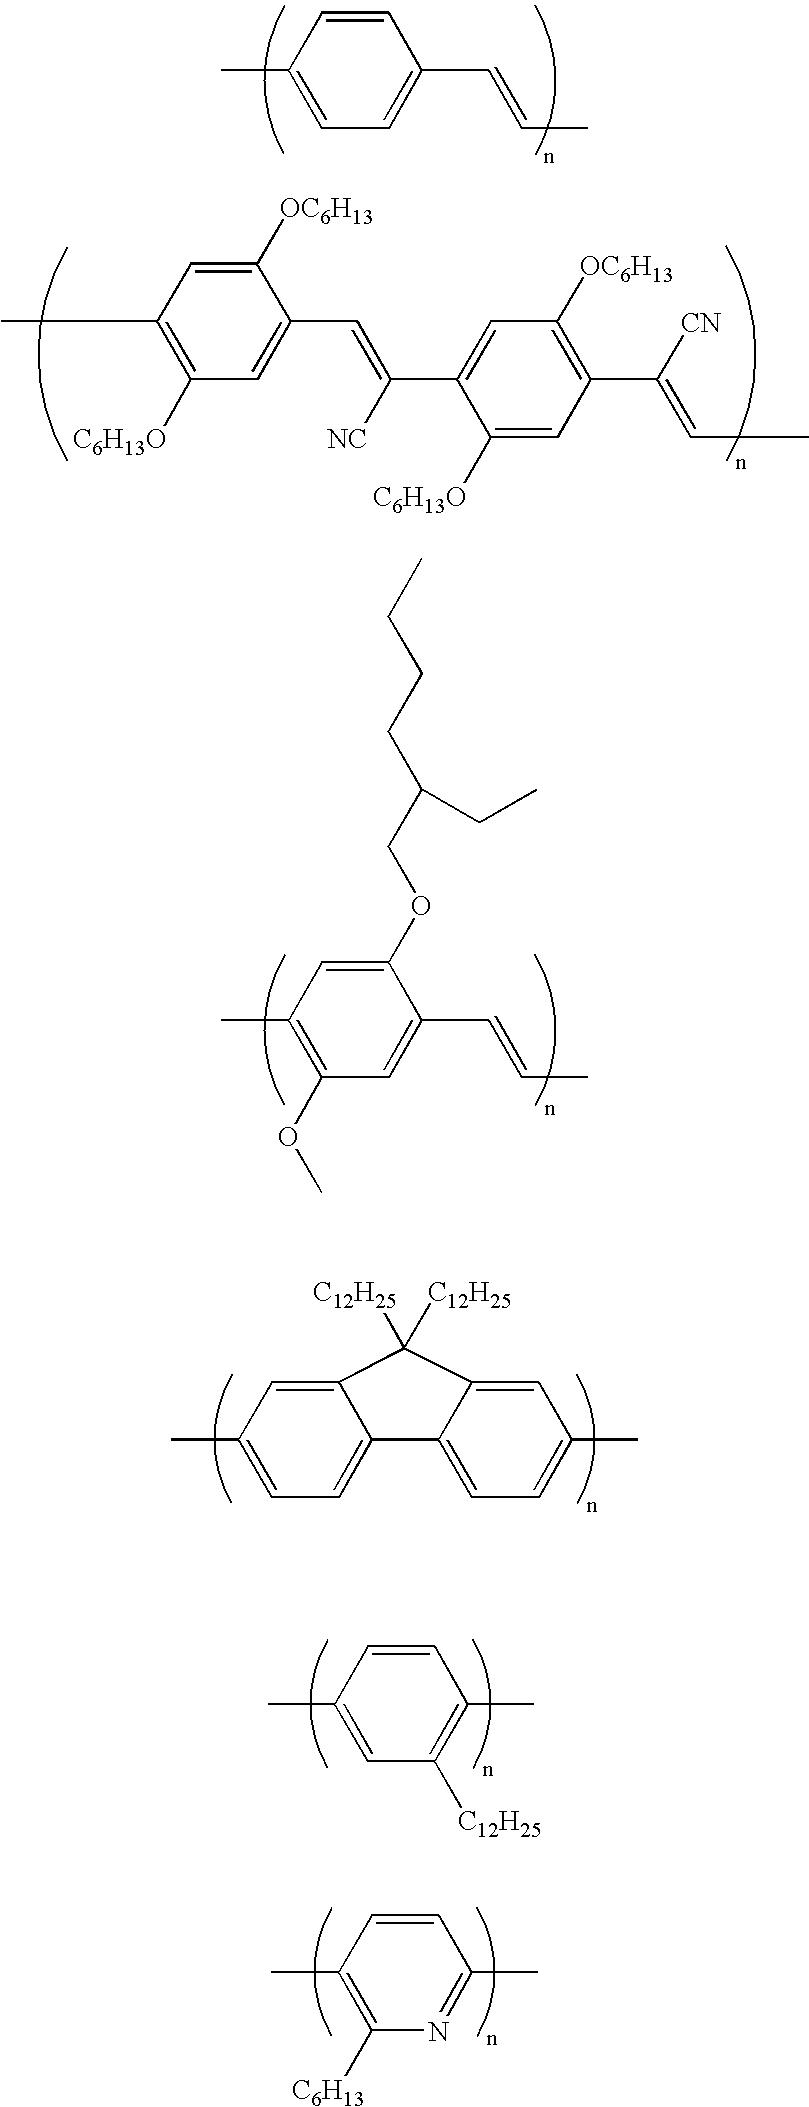 Figure US20060134425A1-20060622-C00030